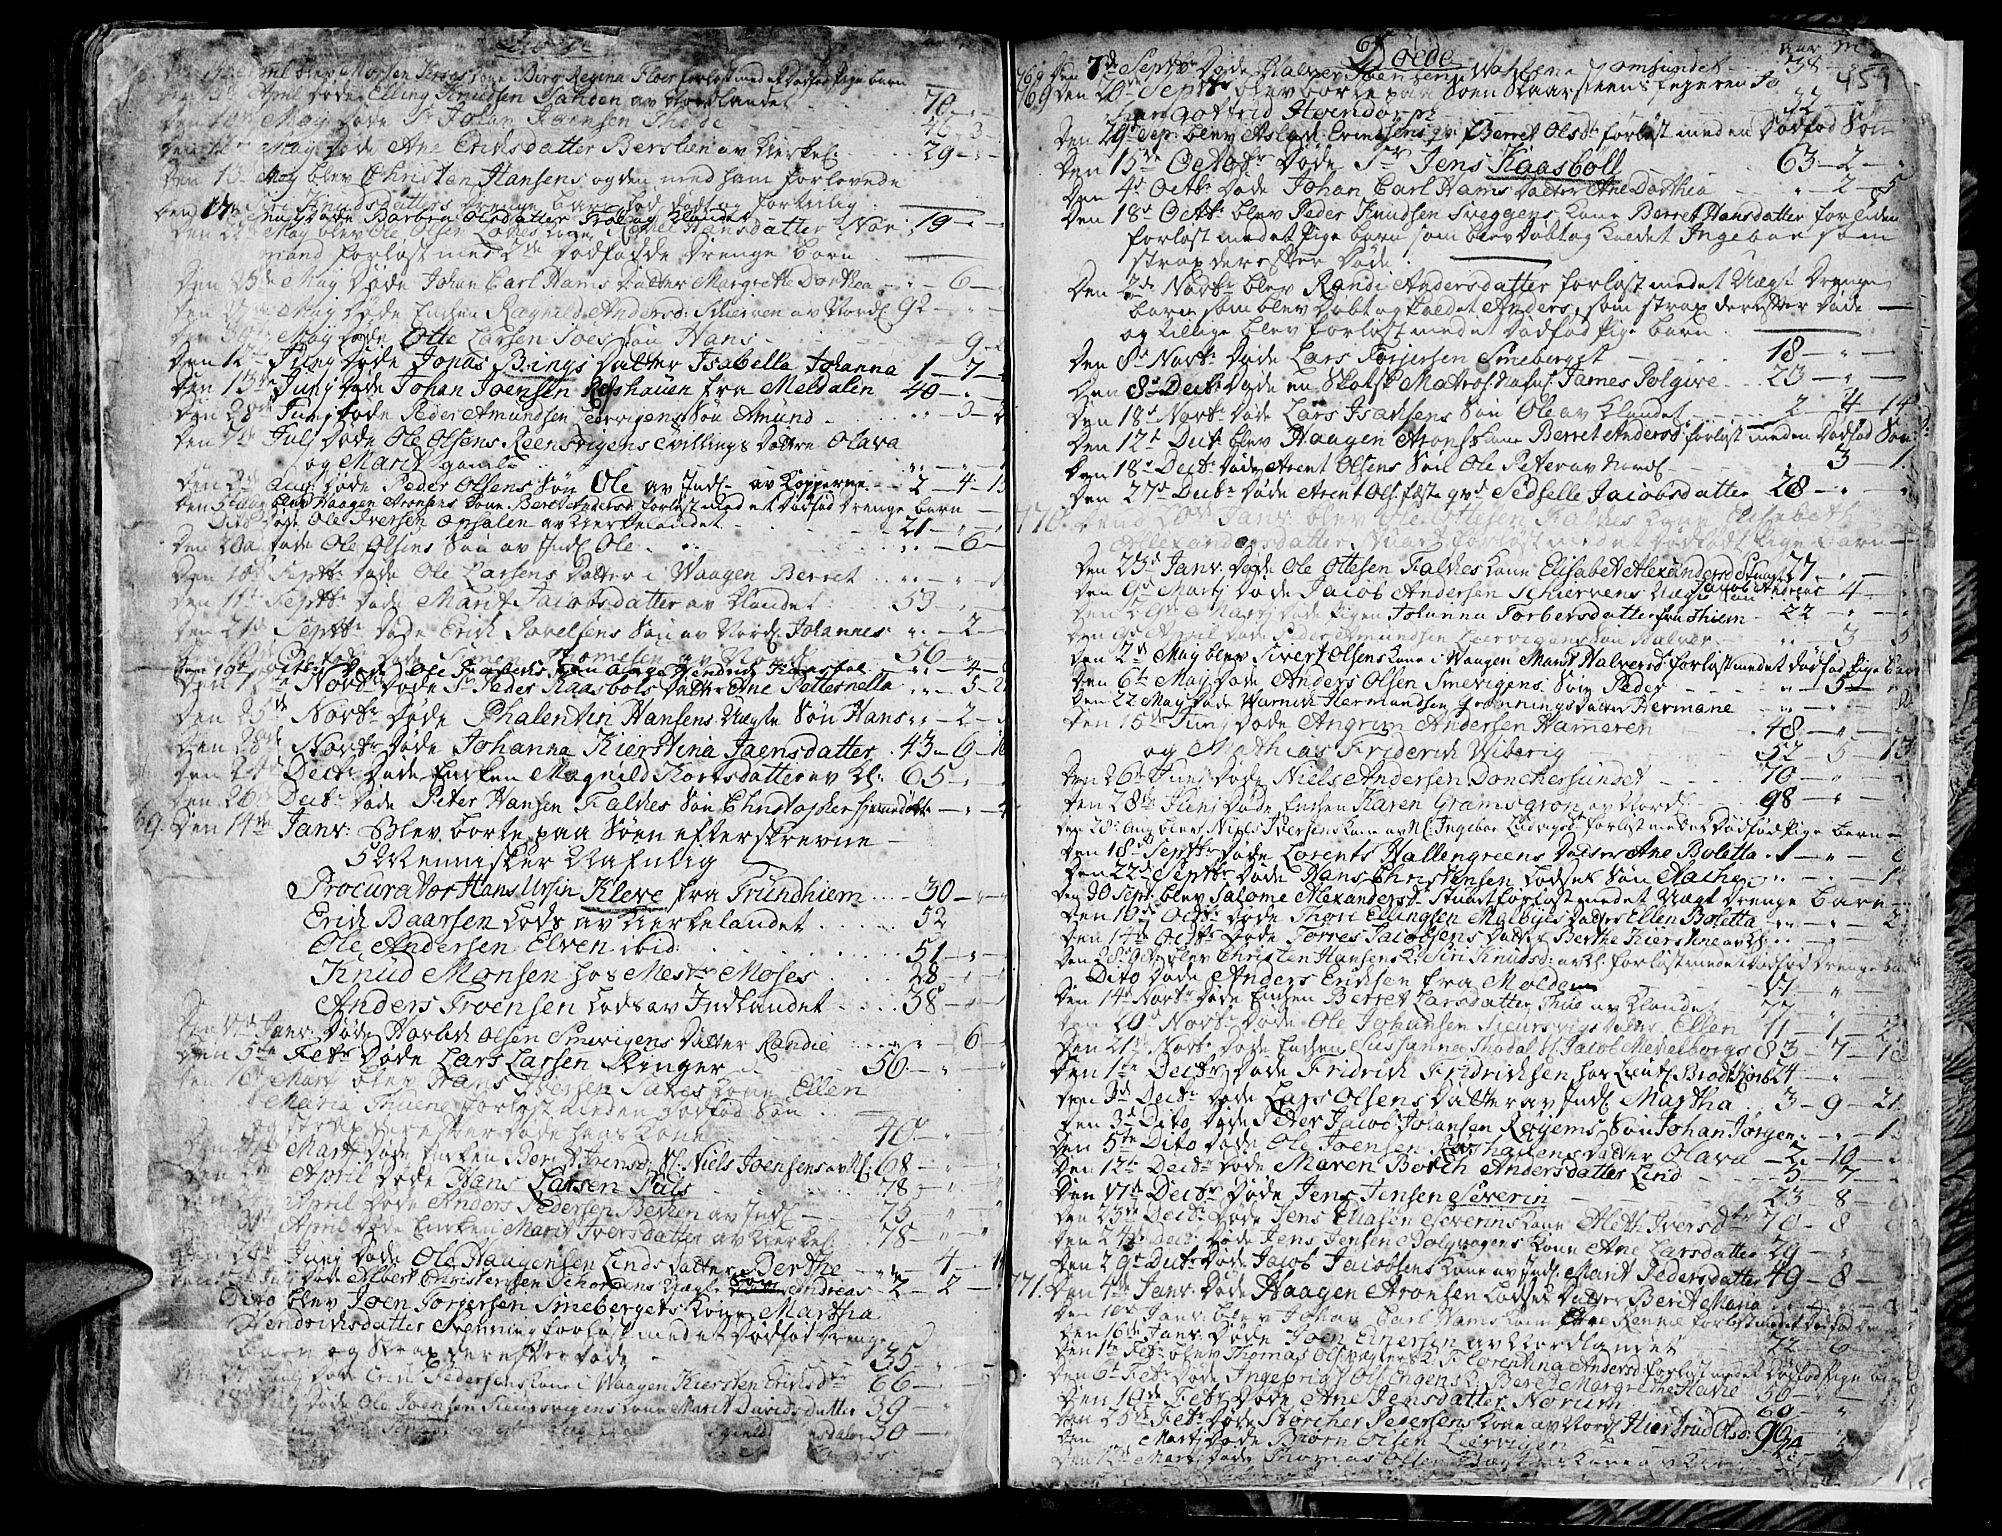 SAT, Ministerialprotokoller, klokkerbøker og fødselsregistre - Møre og Romsdal, 572/L0840: Ministerialbok nr. 572A03, 1754-1784, s. 458-459